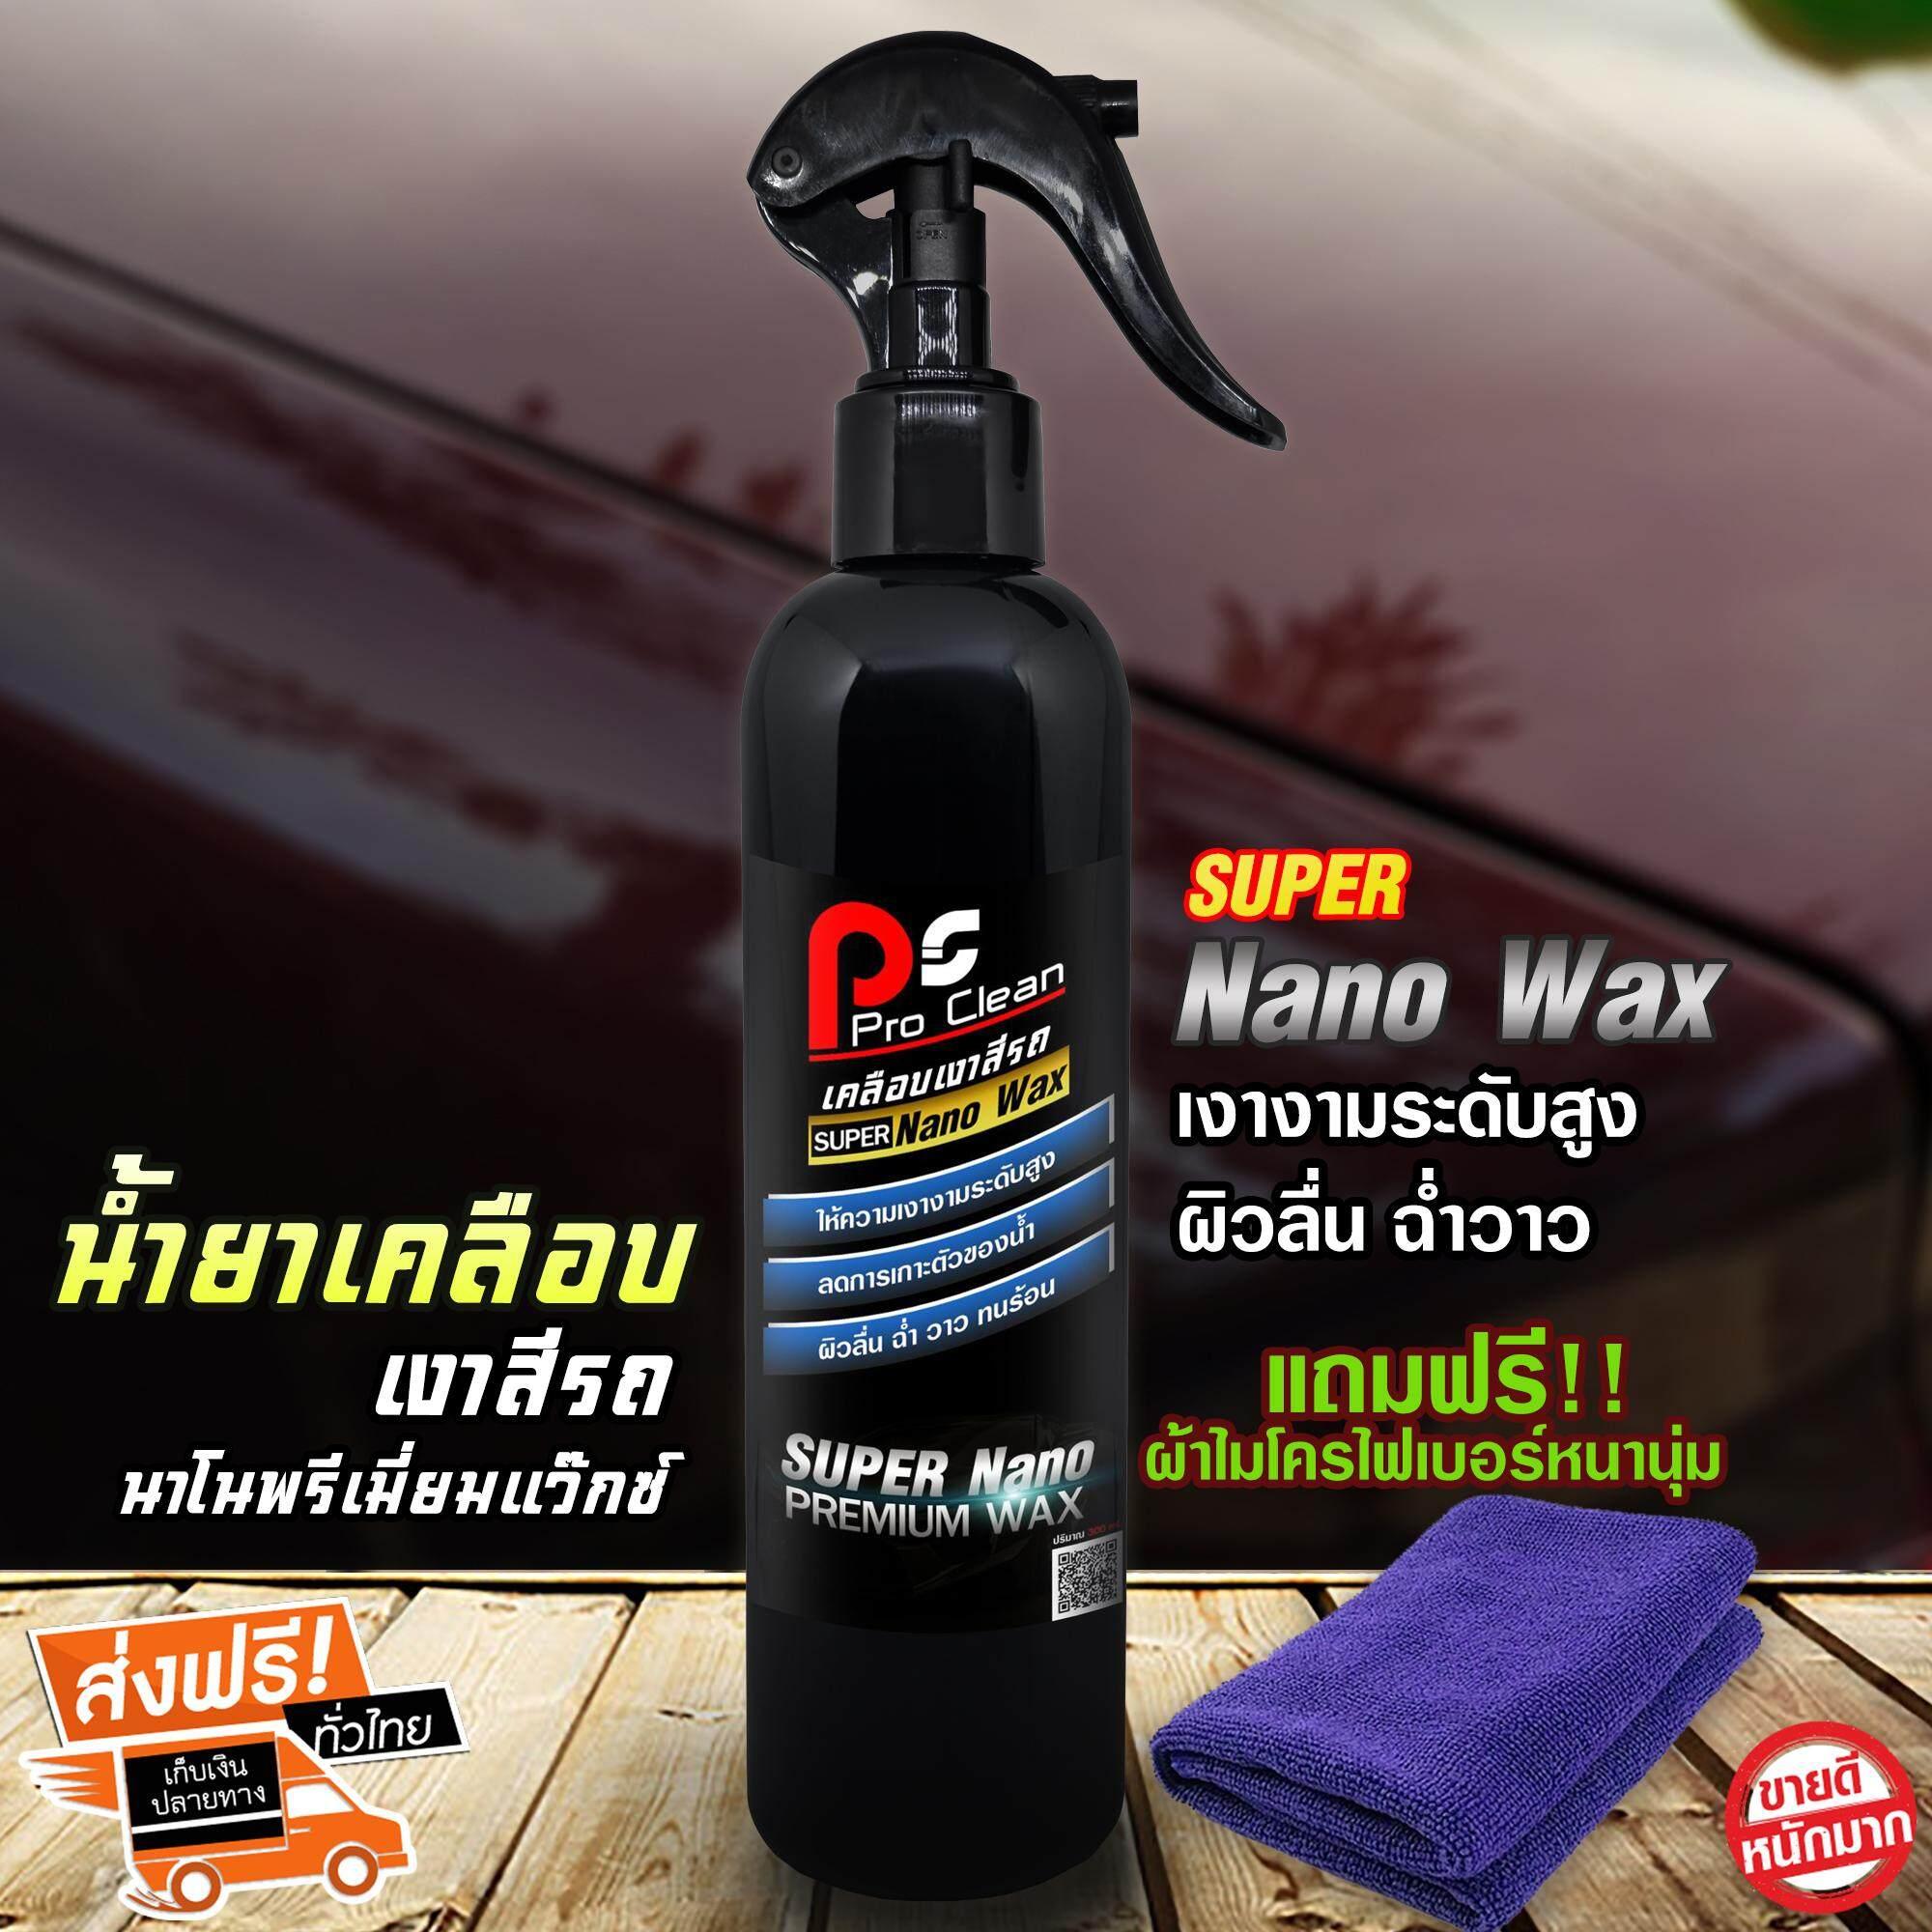 น้ำยาเคลือบสีรถ Nano Premium Wax เคลือบสี ฉ่ำ เงา งาม 300ml แถมฟรีผ้าไมโครไฟเบอร์อย่างดี ส่งฟรี เก็บเงินปลายทาง